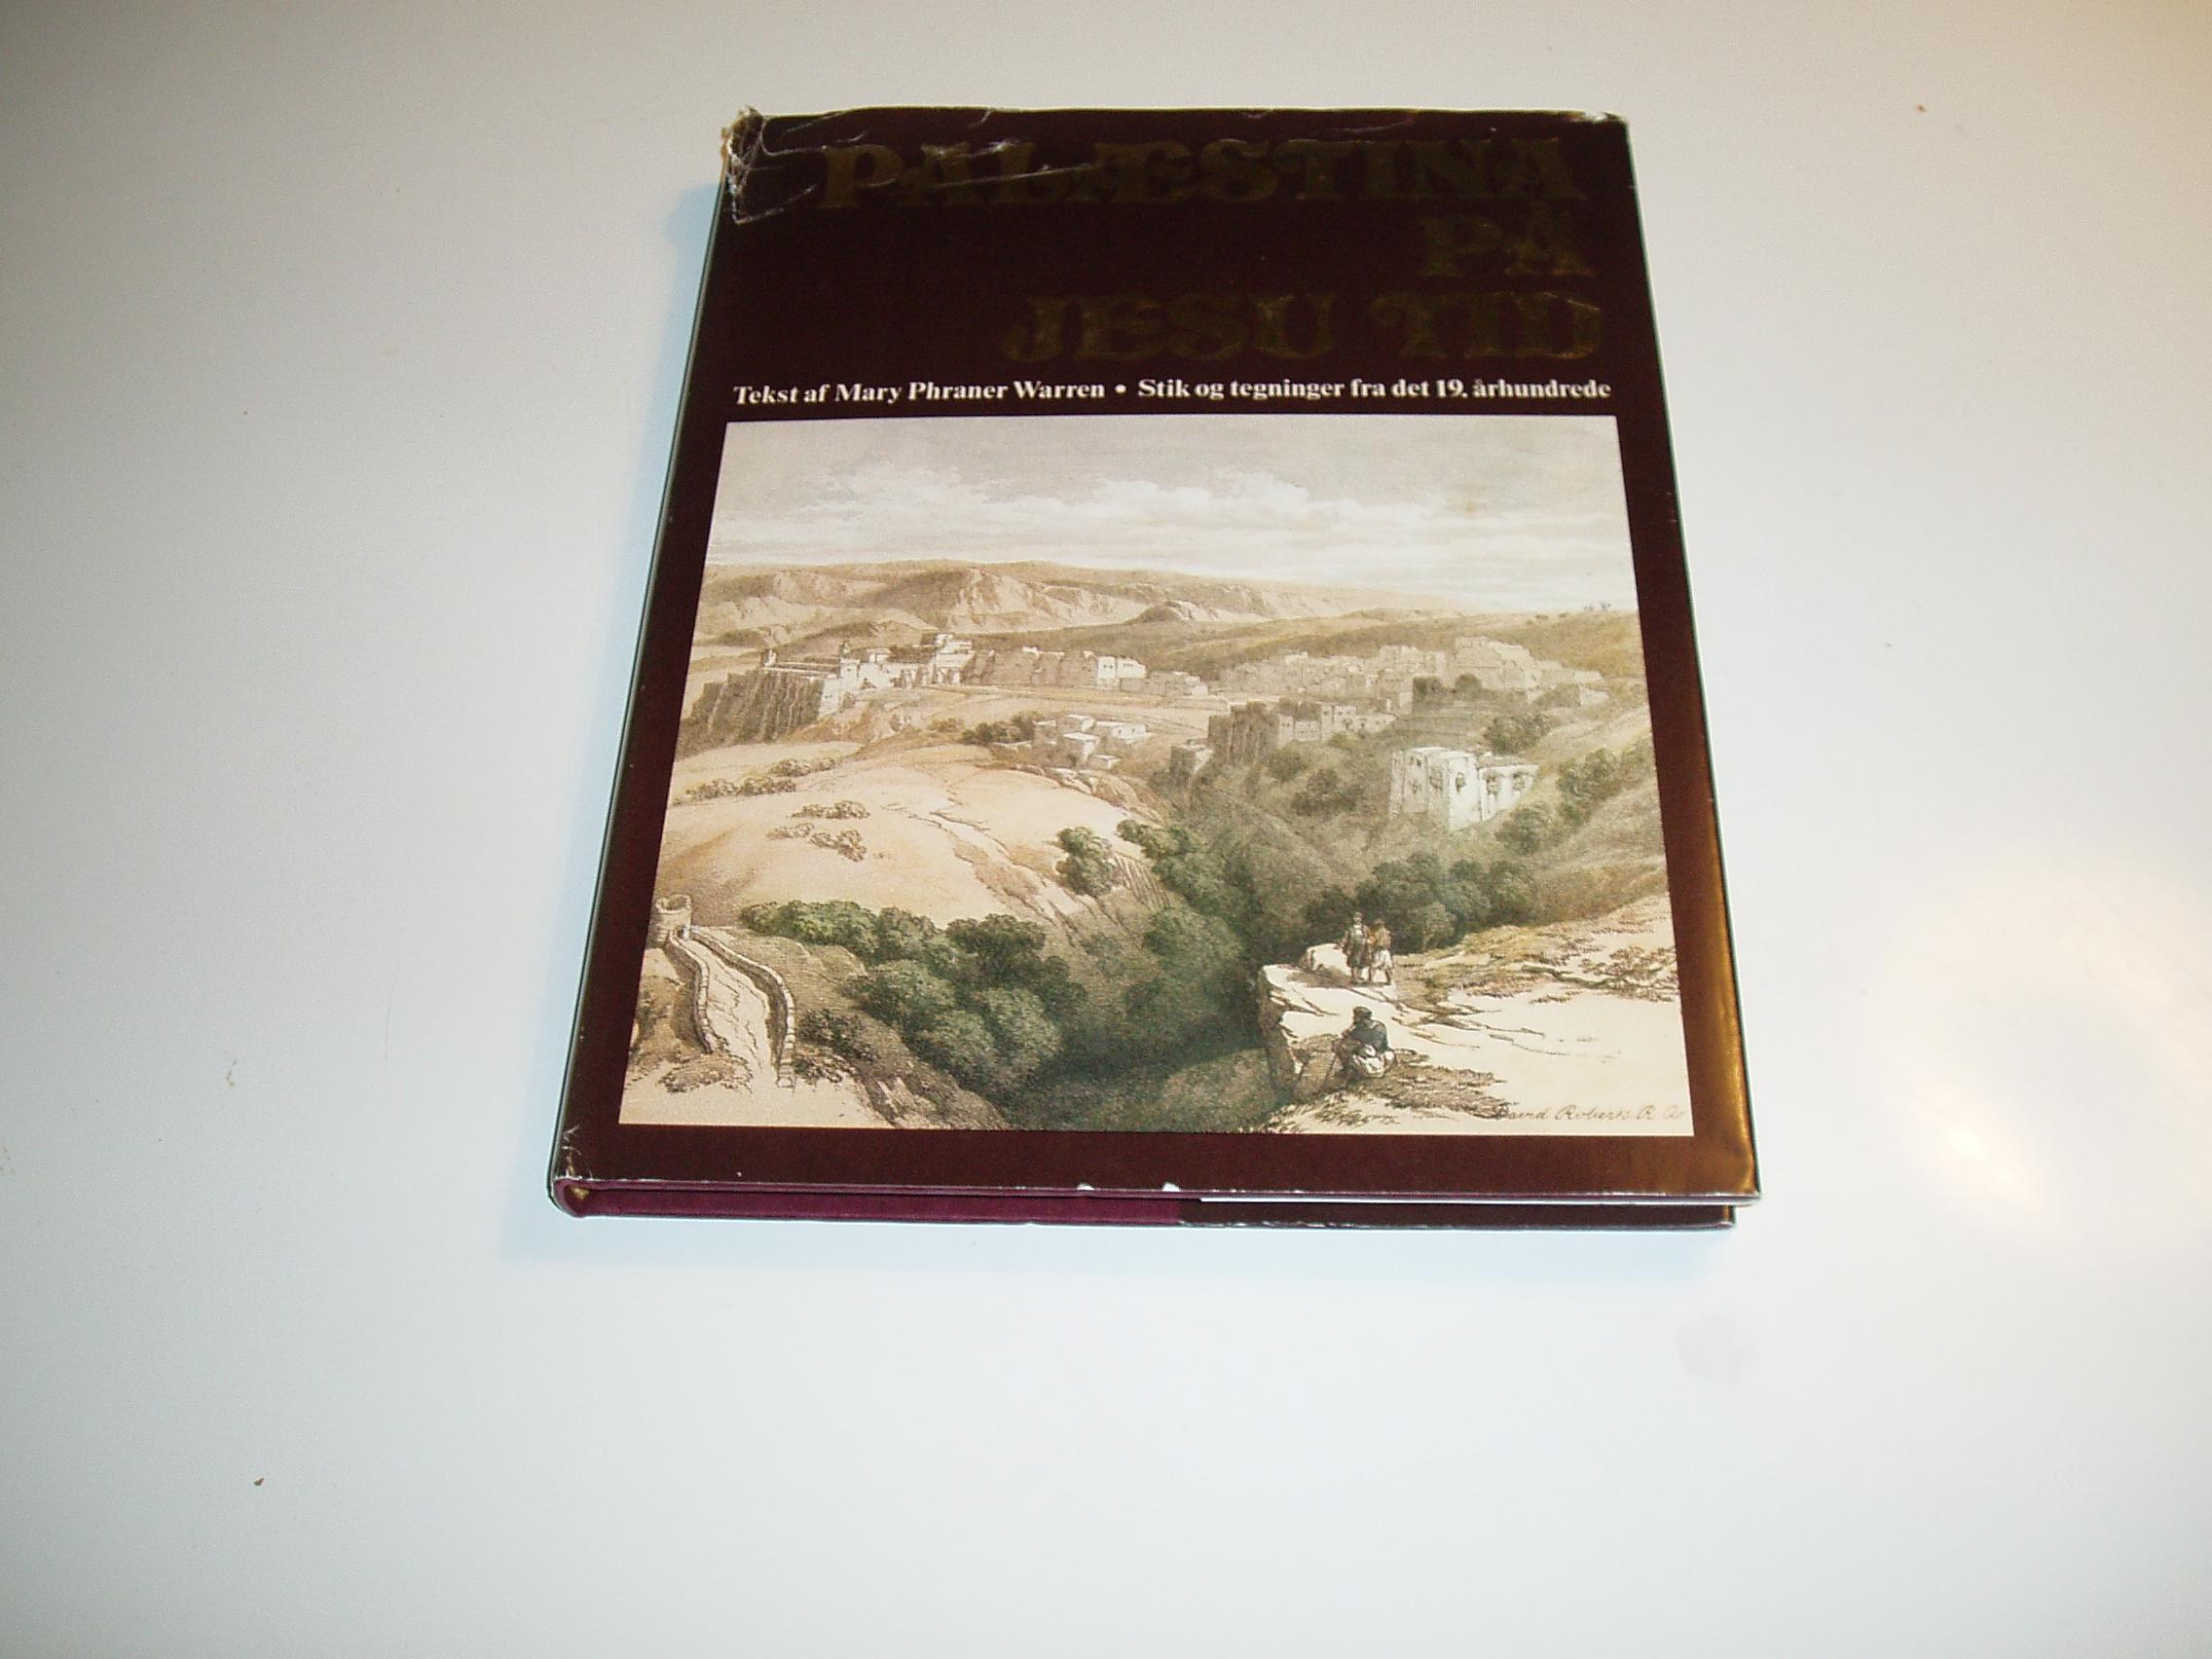 Palæstina på Jesu tid. Stik og tegninger fra det 19. århundrede